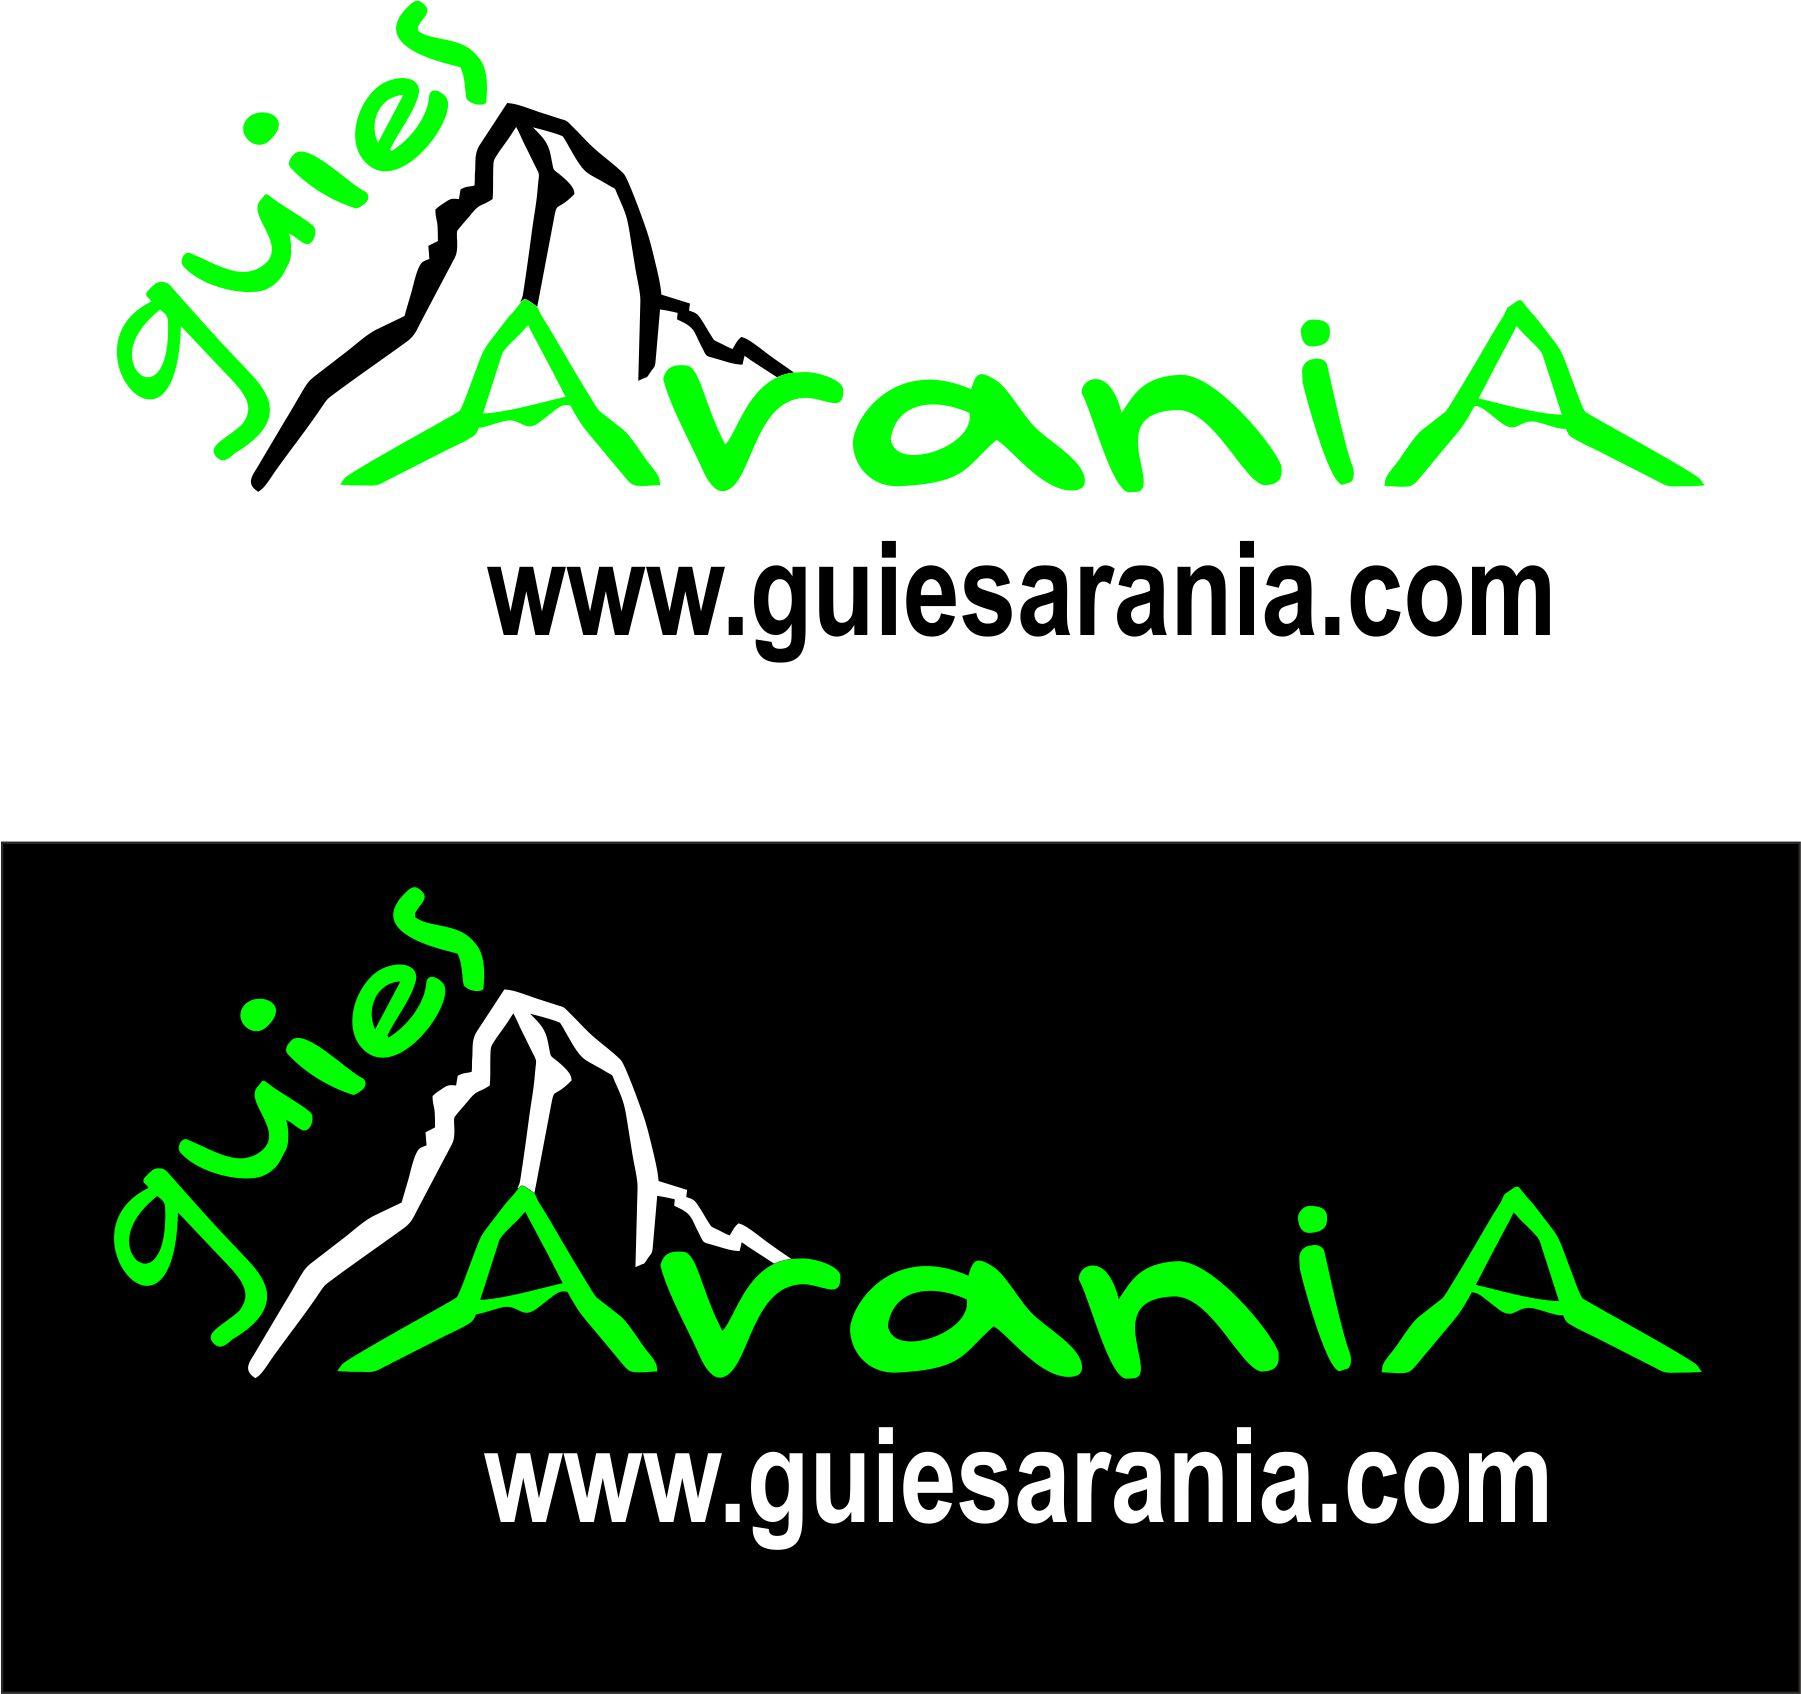 Imagen de Pepo que es propietario de Guies Arania